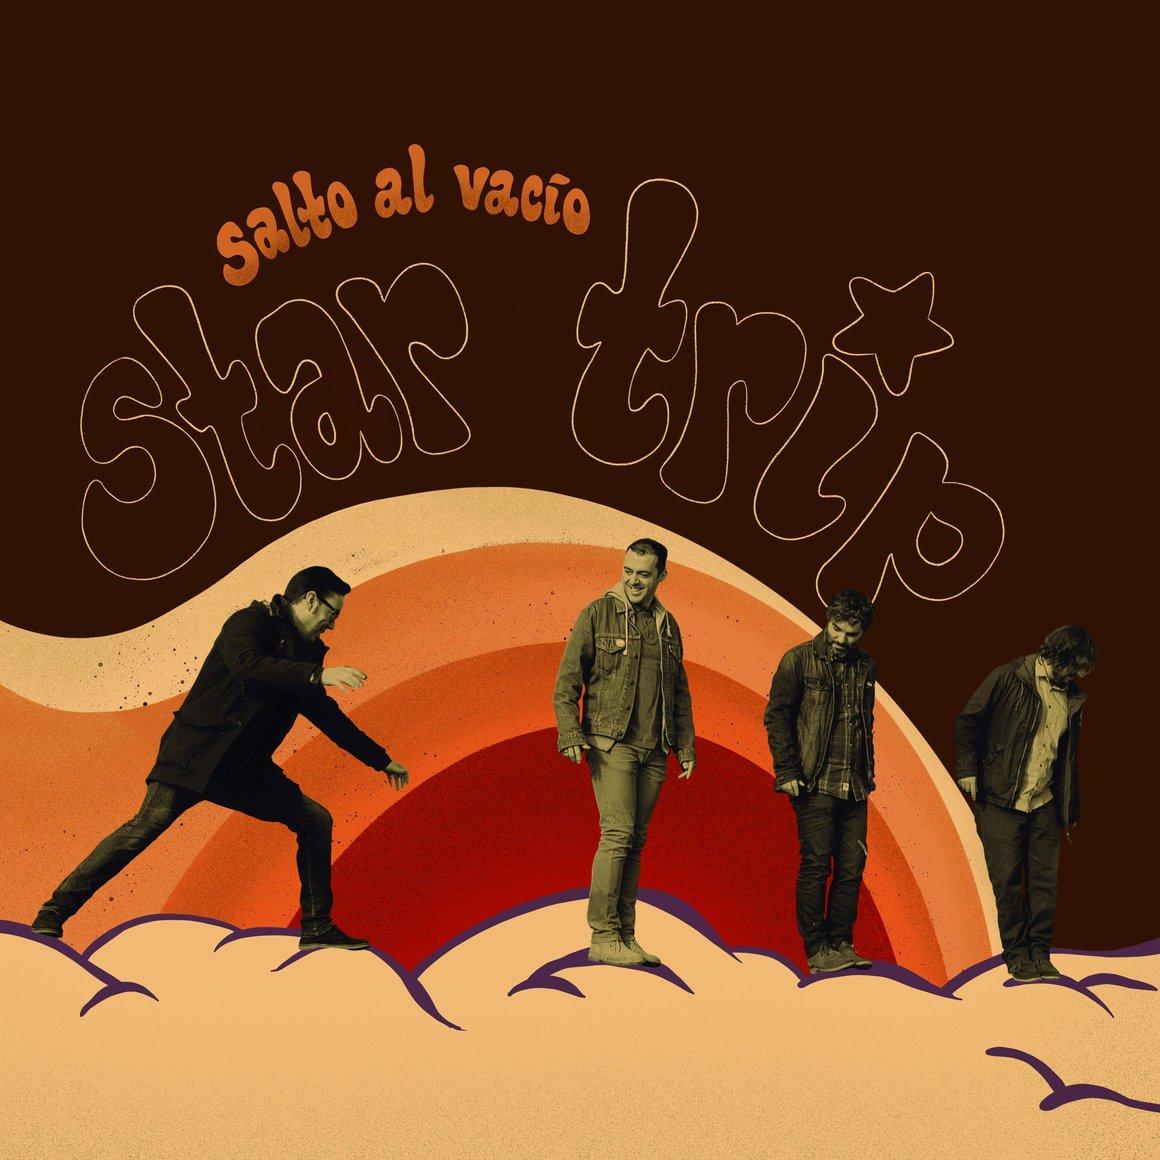 Star Trip - Salto al vacío (2019)